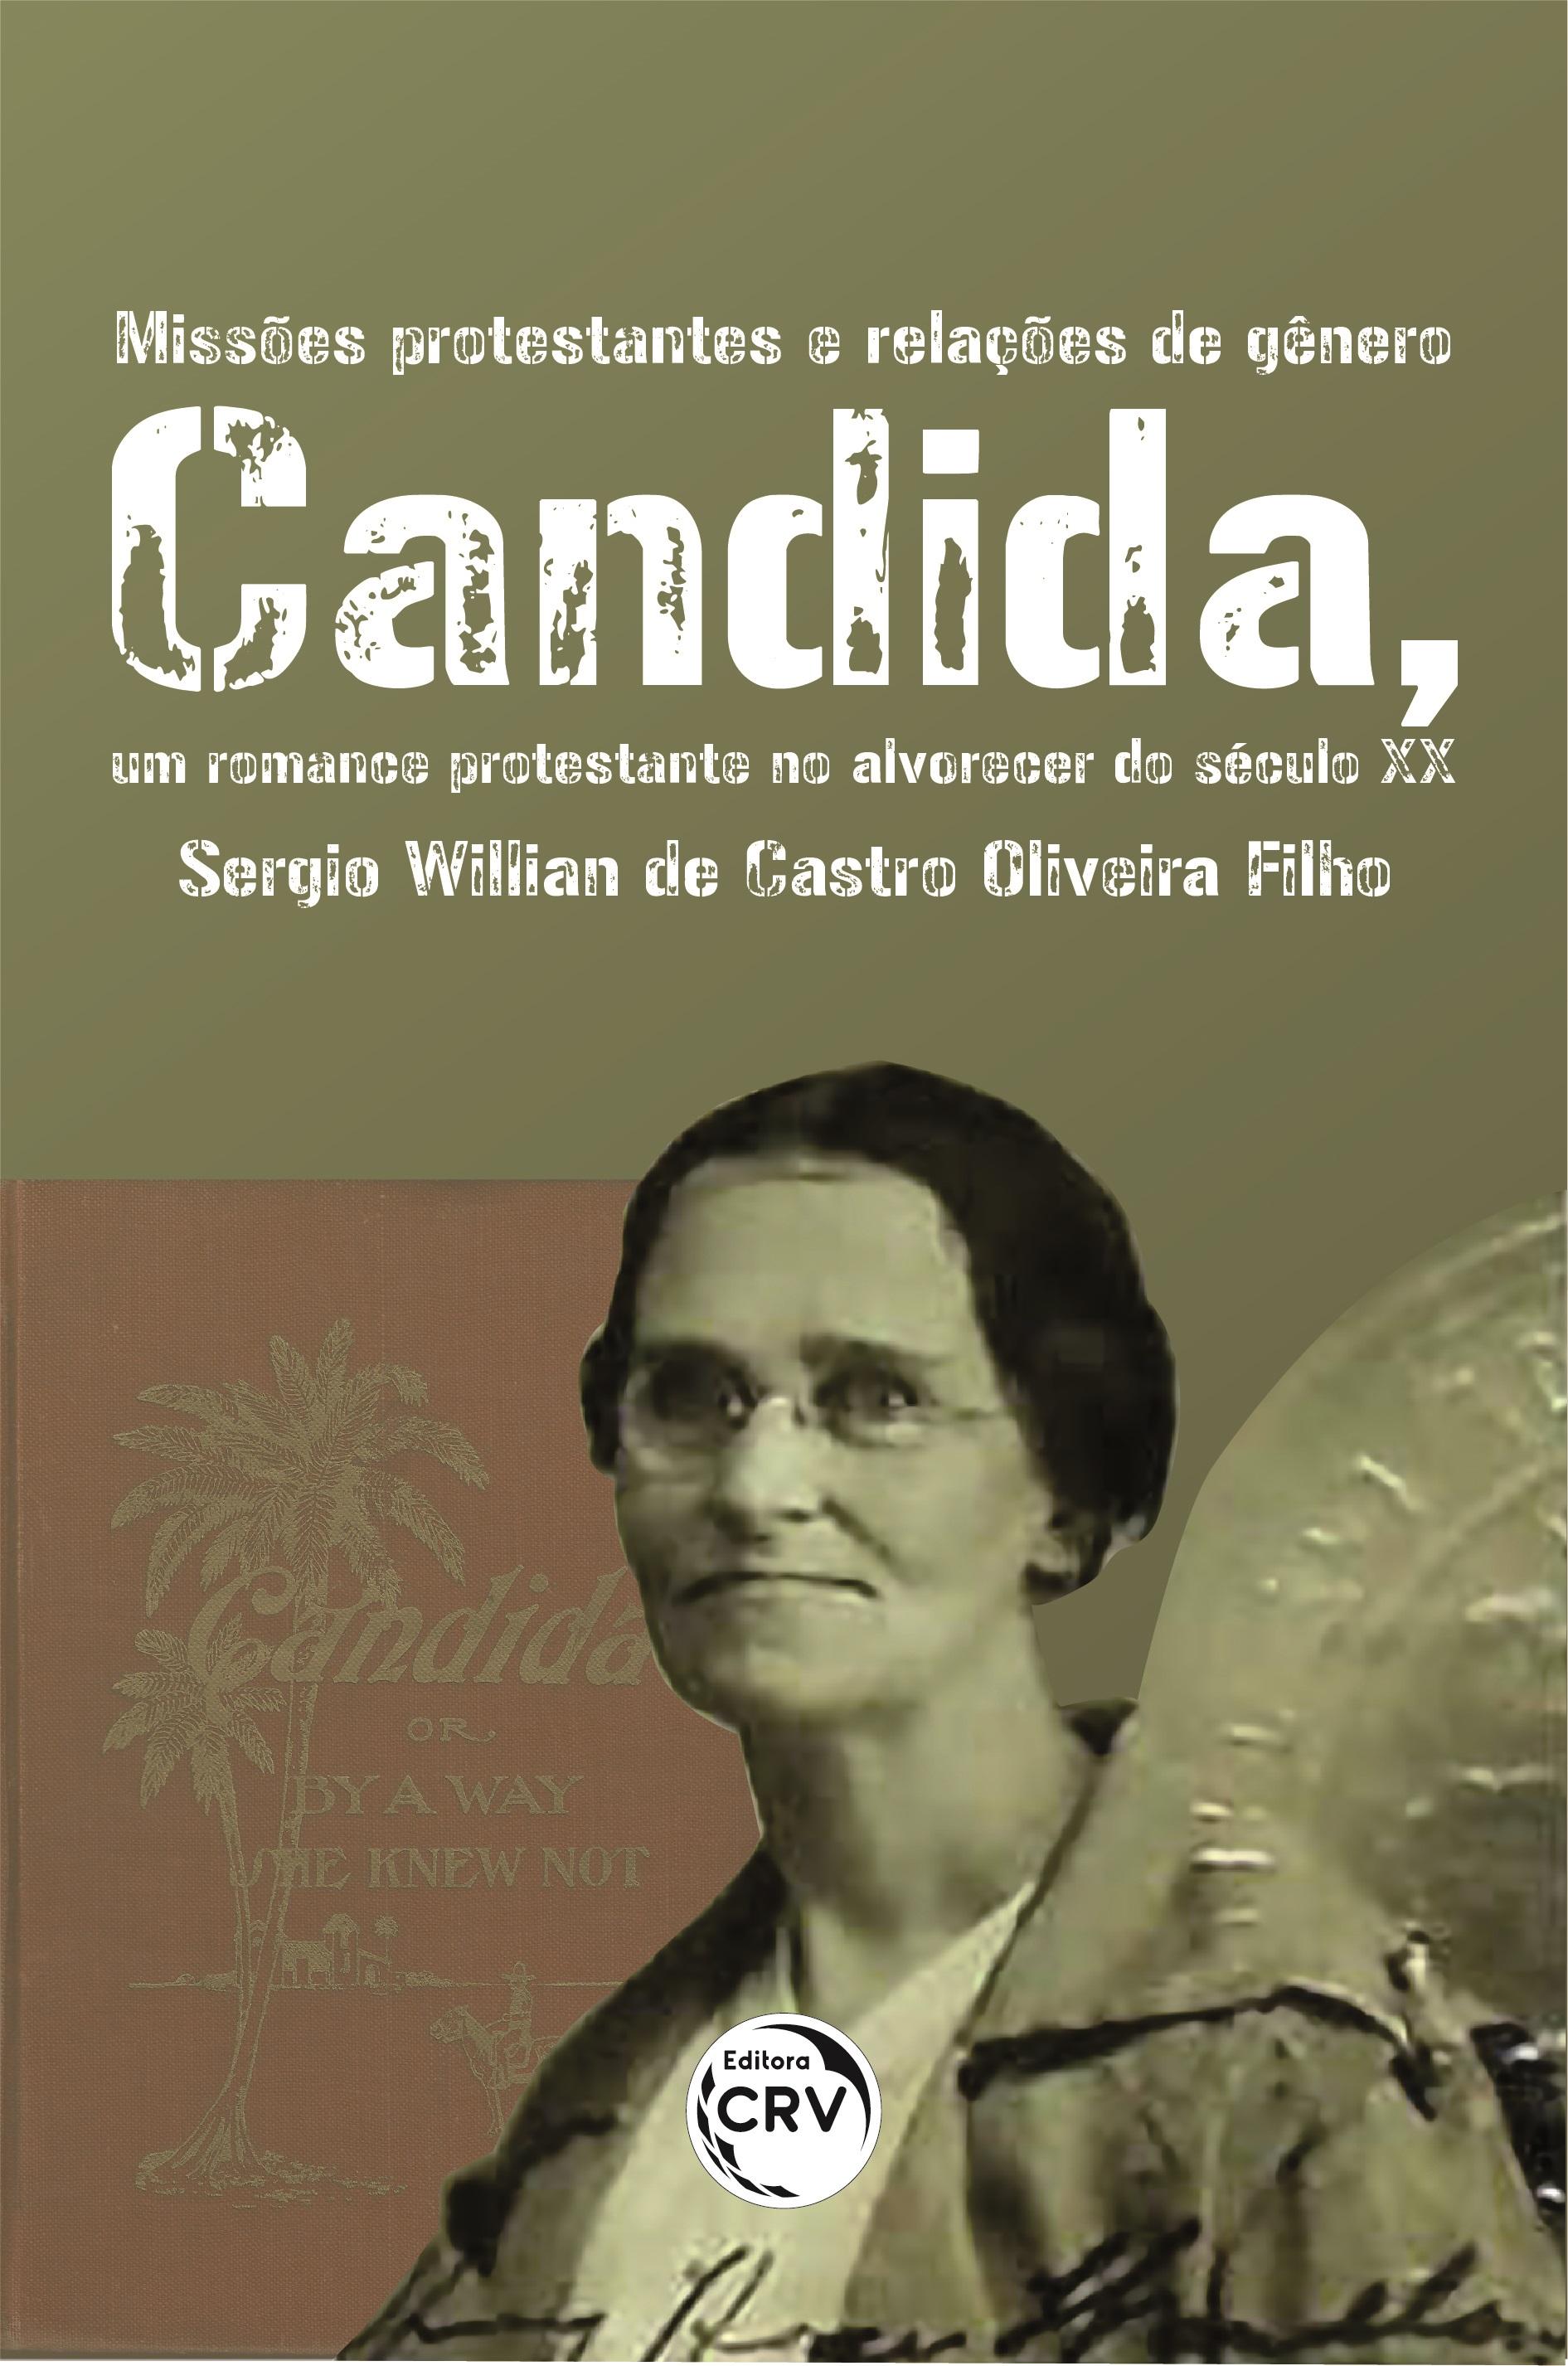 Capa do livro: MISSÕES PROTESTANTES E RELAÇÕES DE GÊNERO:<br> Candida, um romance protestante no alvorecer do século XX